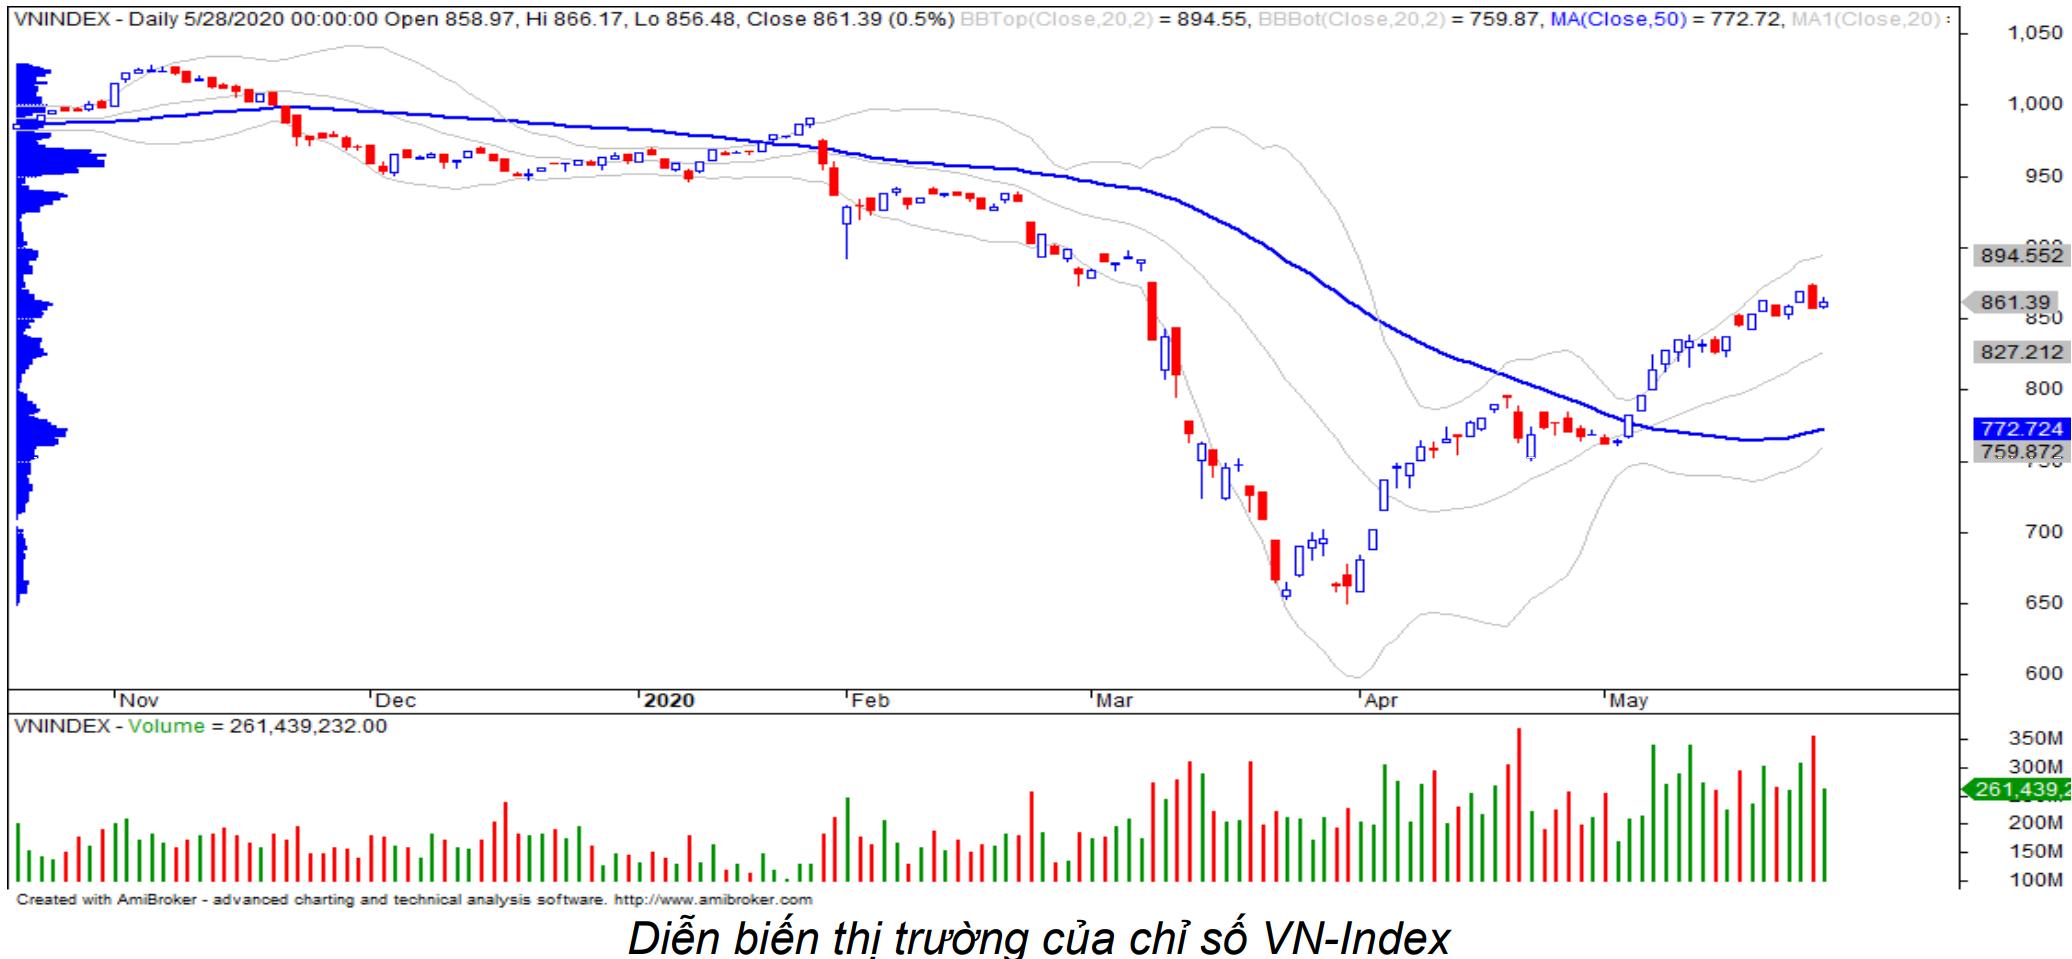 Nhận định thị trường chứng khoán ngày 29/5: Kì vọng bước vào sóng tăng tiếp diễn